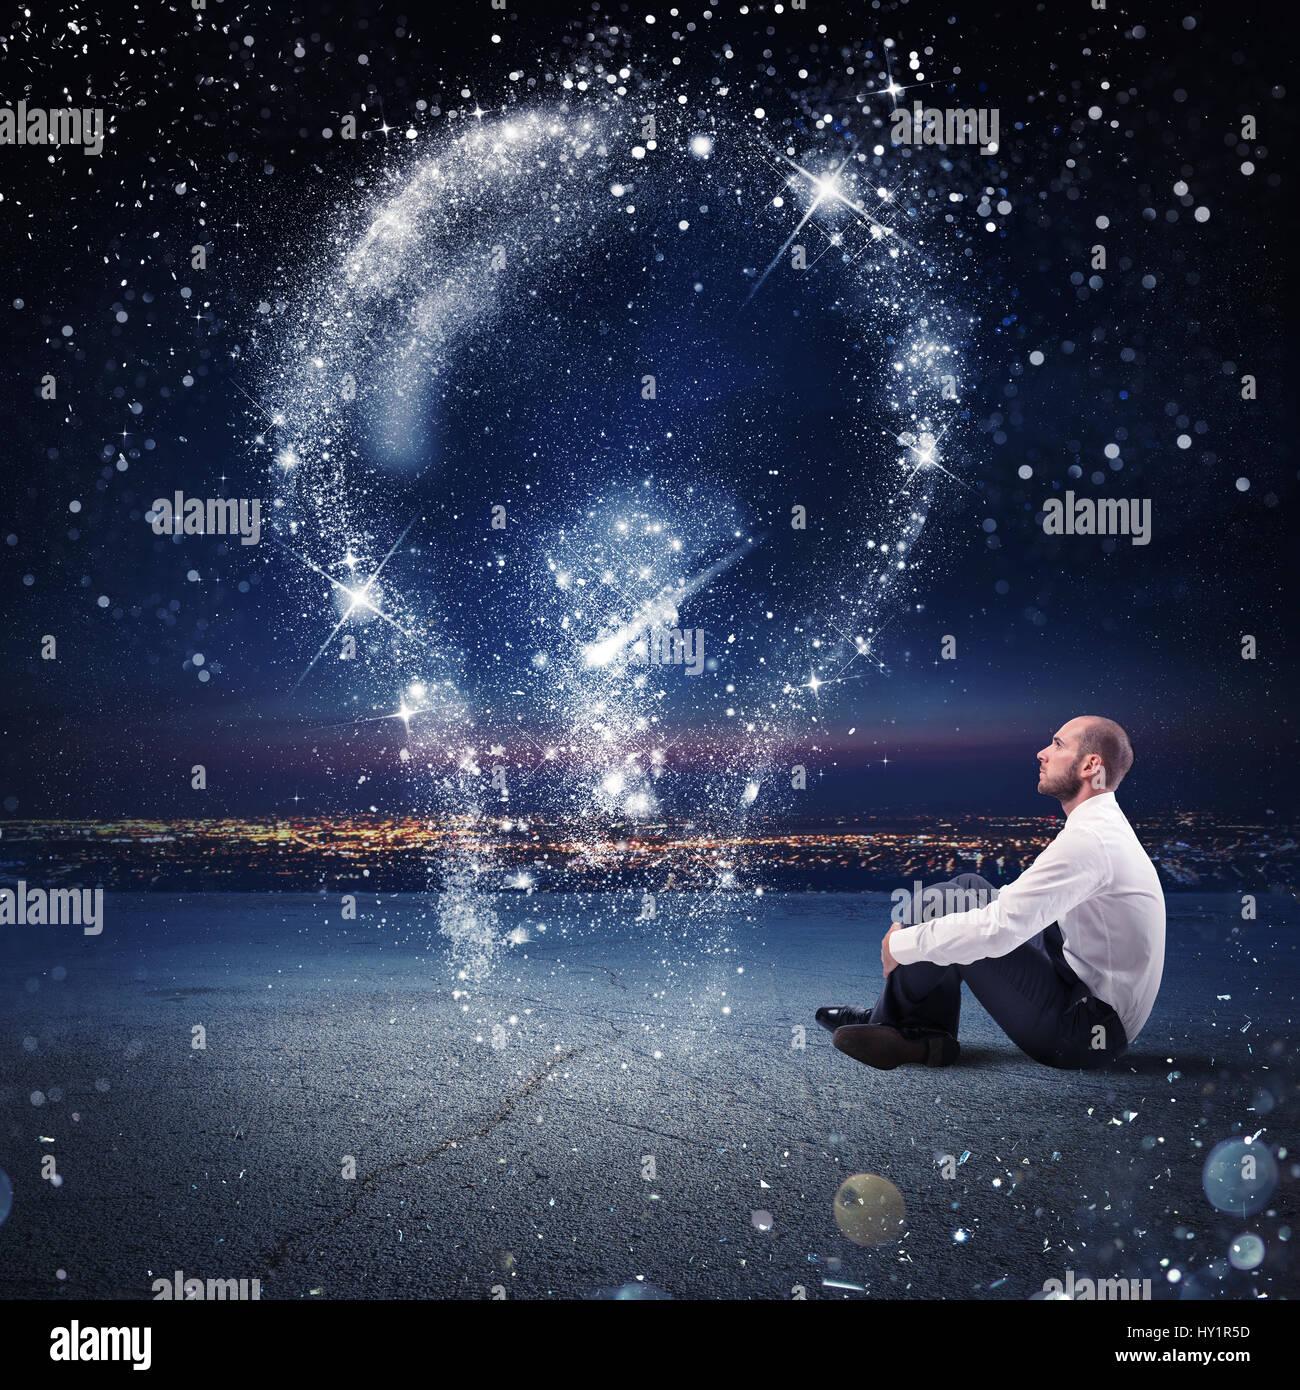 Idée lumineuse comme les étoiles Photo Stock